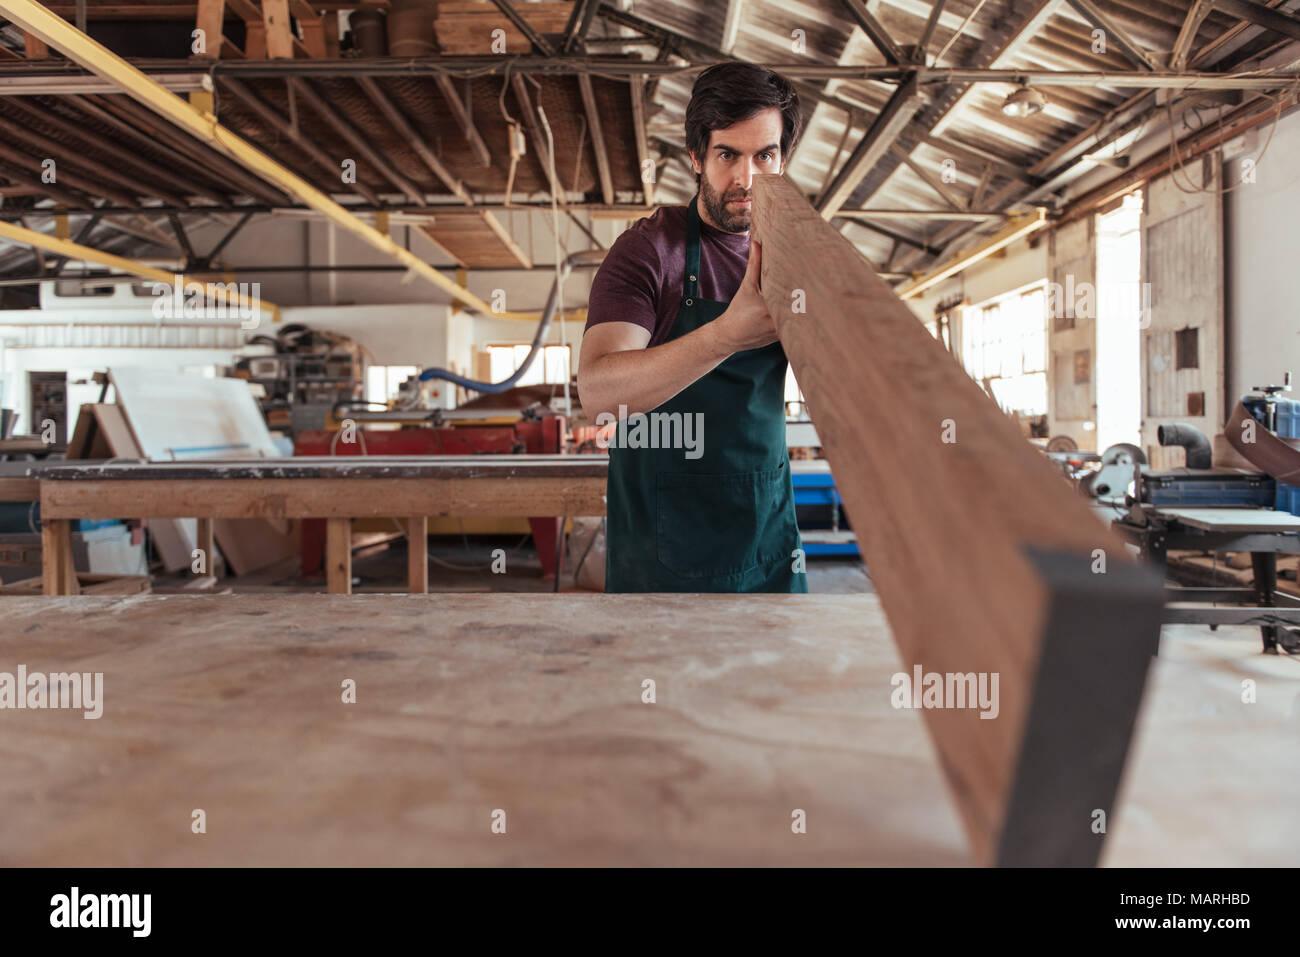 Habilement l'inspection d'un menuisier planche en bois dans son atelier Photo Stock